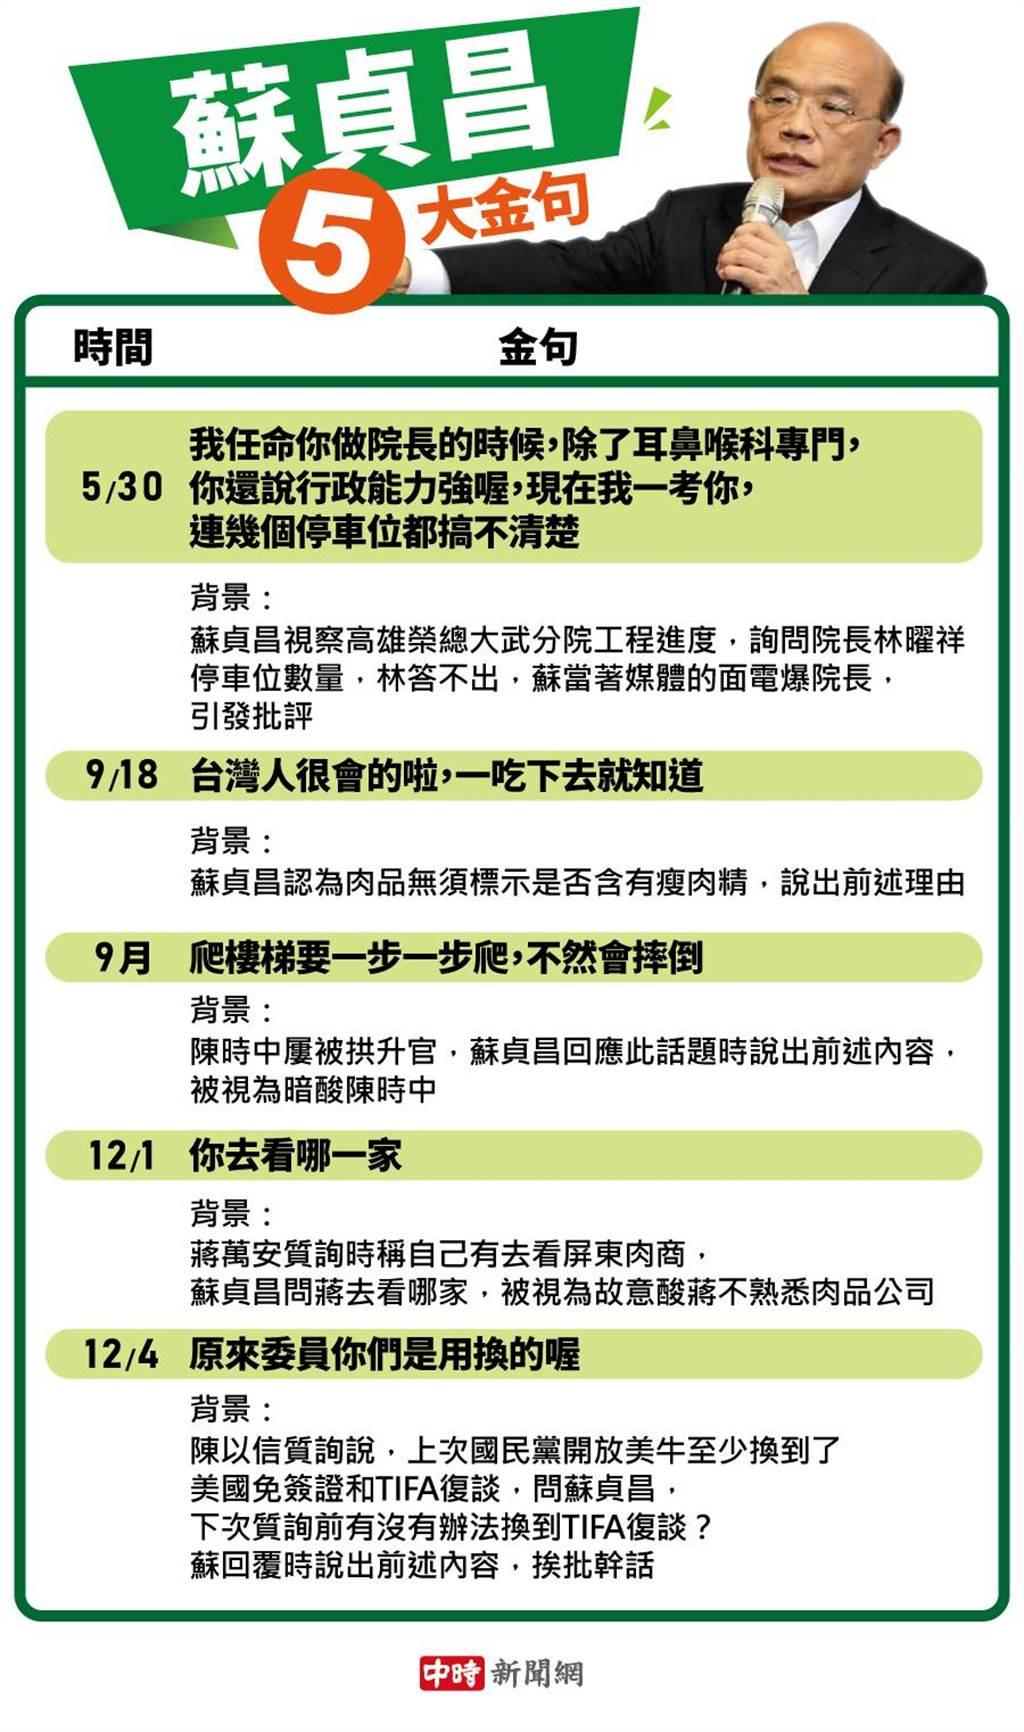 蘇貞昌2020五大金句,「你去看哪一家」、「台灣人很會的啦」,萊豬議題屢挨批幹話王。(圖/本報資料)